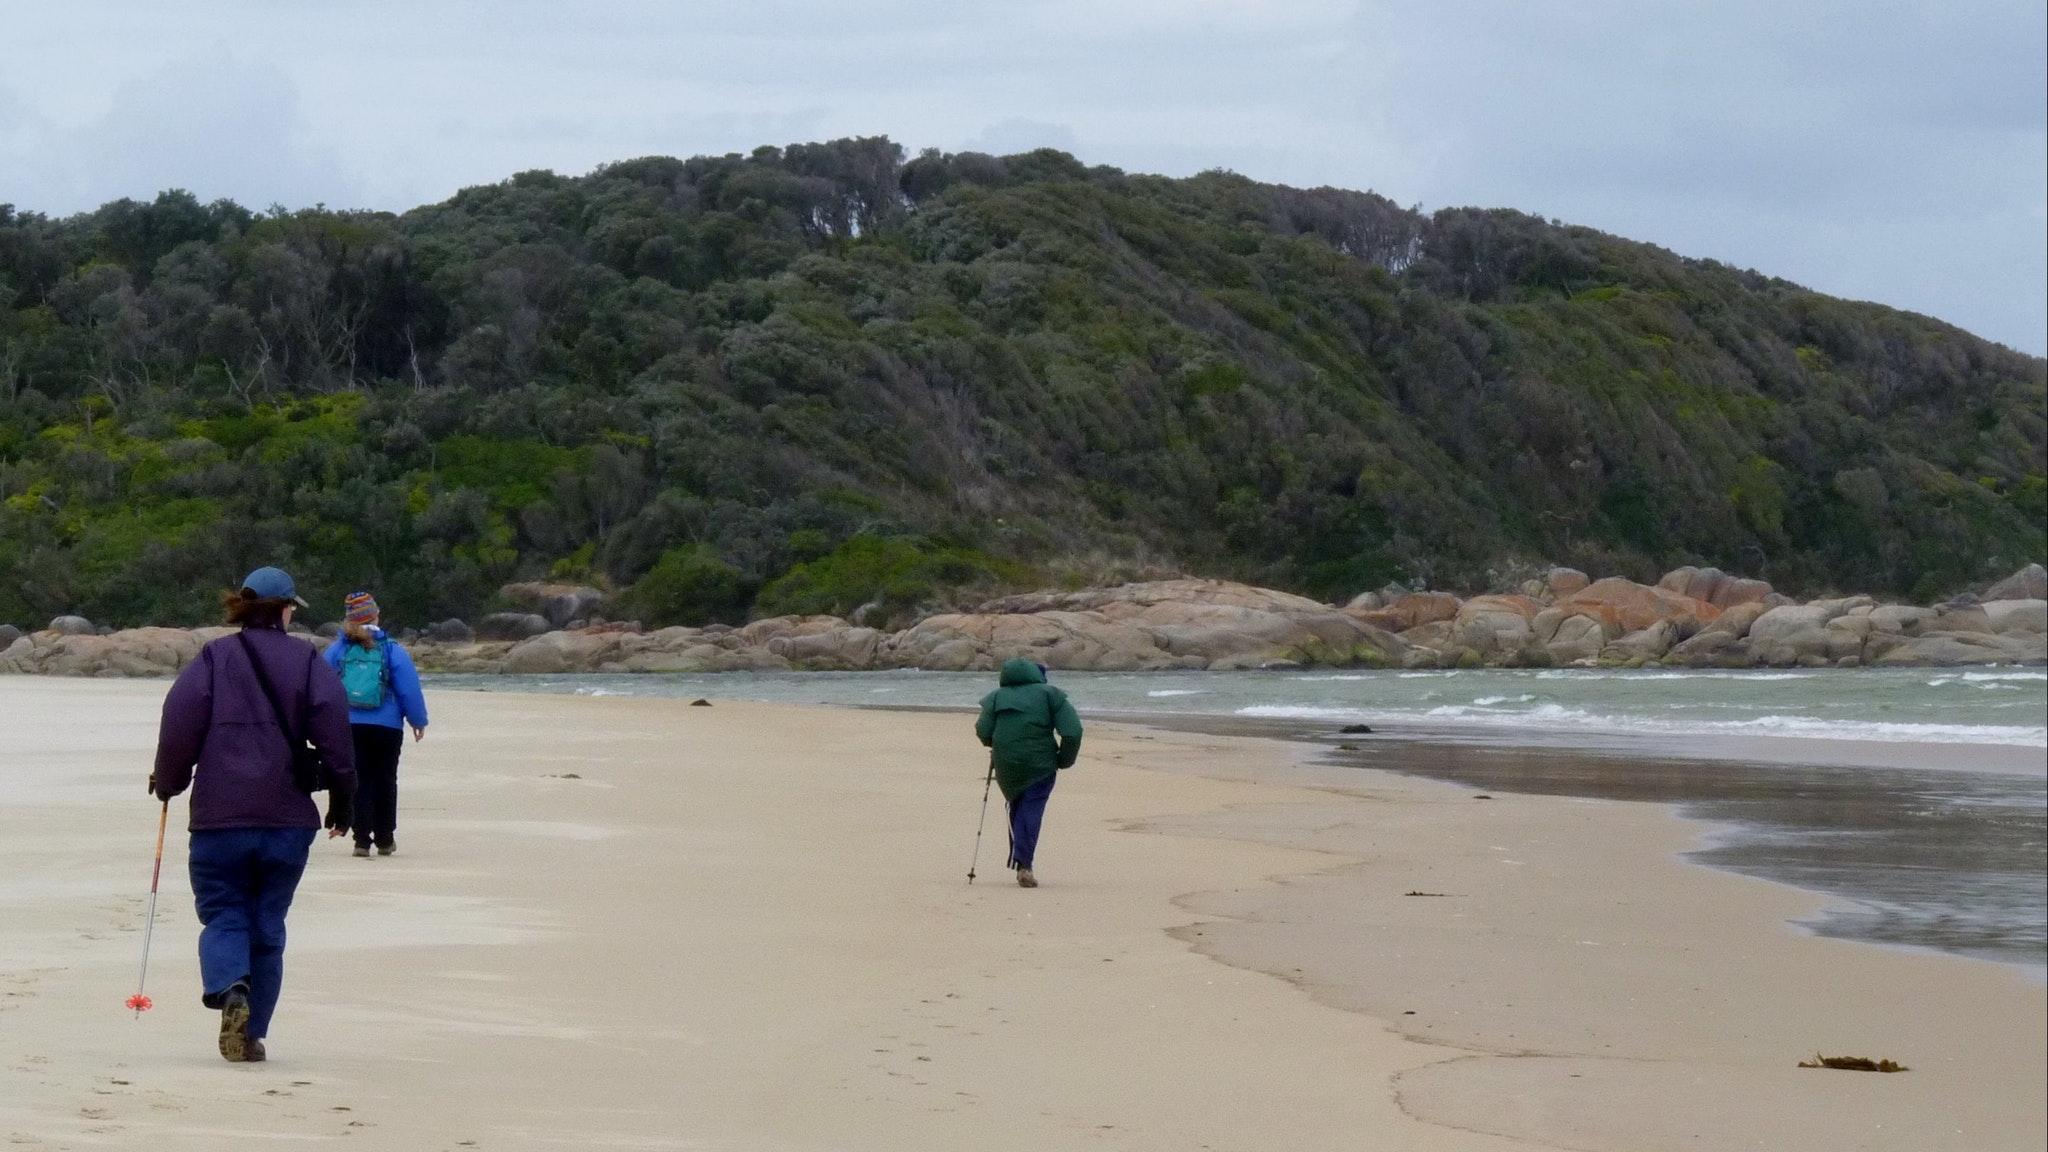 Walking along deserted Croajingolong beaches